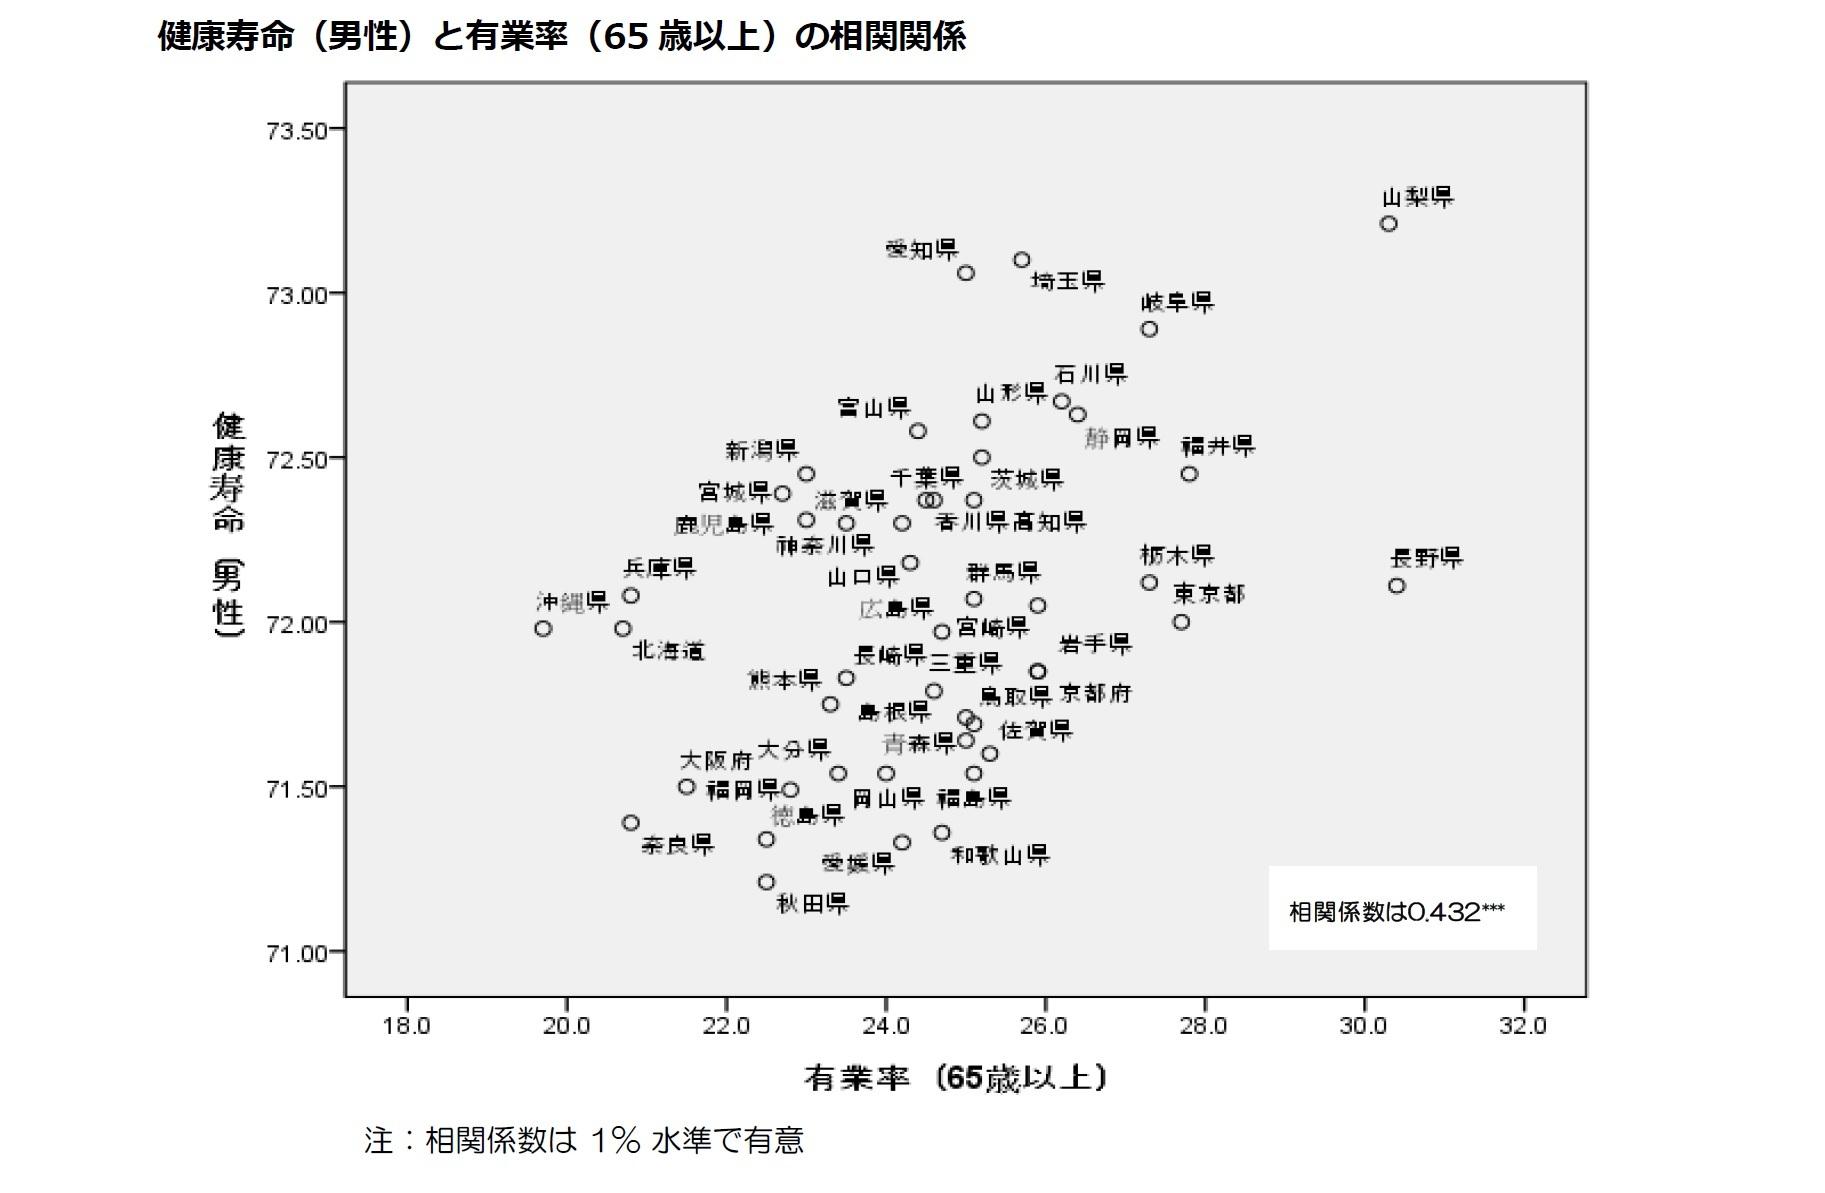 健康寿命(男性)と有業率(65歳以上)の相関関係